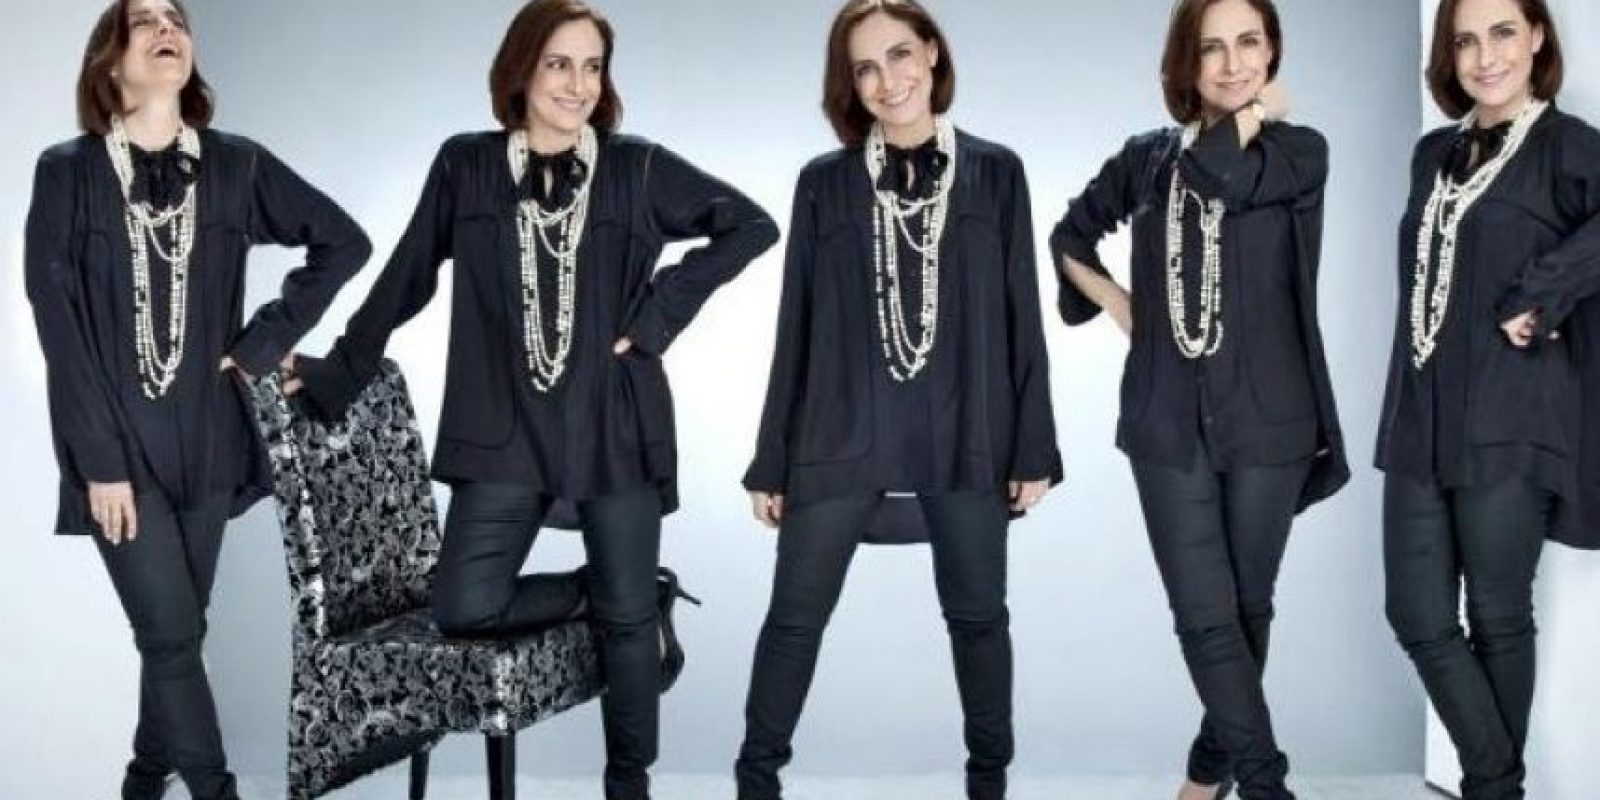 La actriz se ha destacado por sus personajes antagónicos Foto:Vía facebook.com/diana.brachobordes